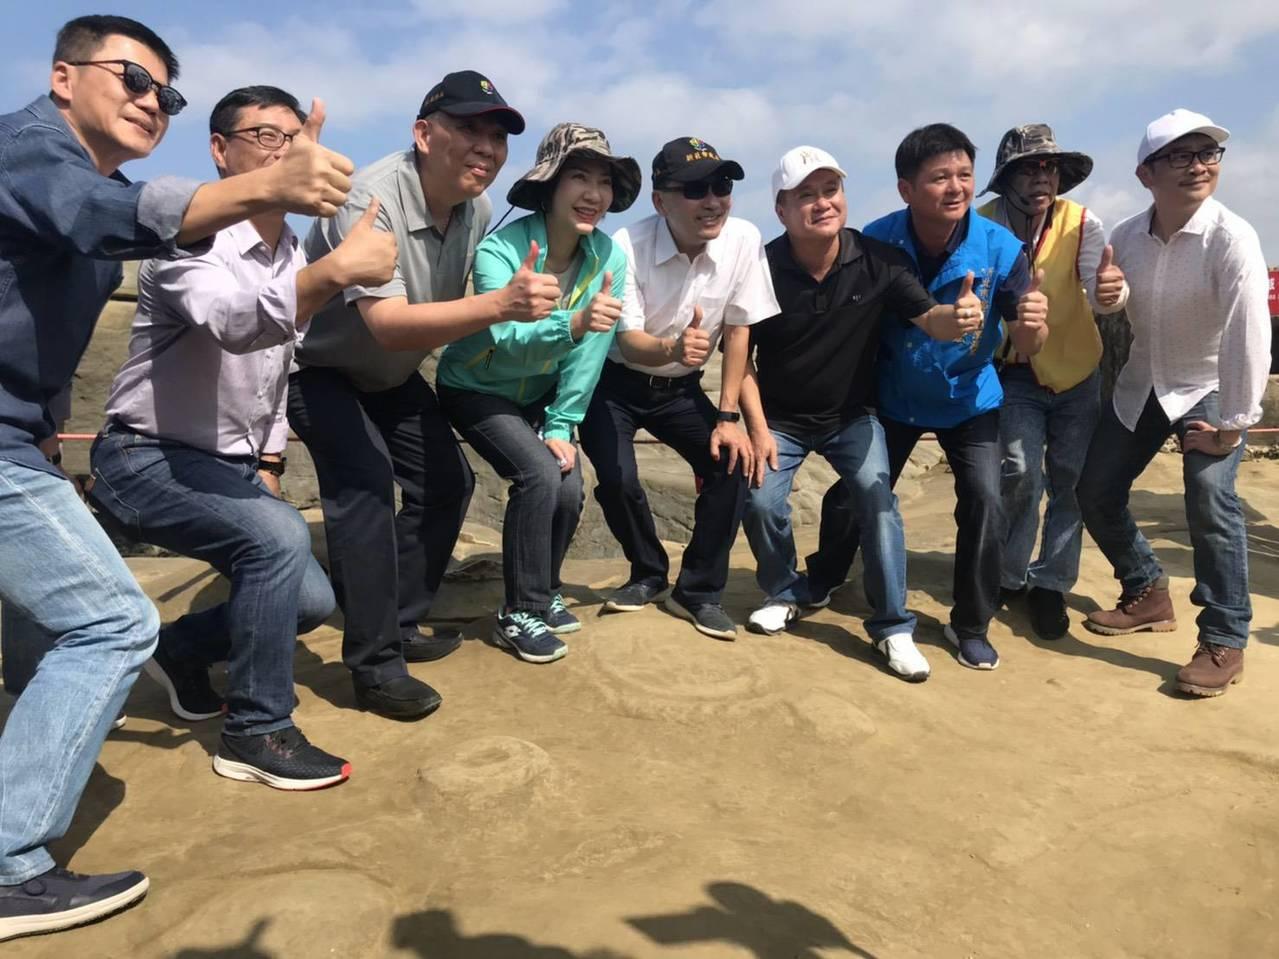 市長侯友宜要讓遊客來象鼻岩玩得盡興,也安全無虞。圖/瑞芳區公所提供